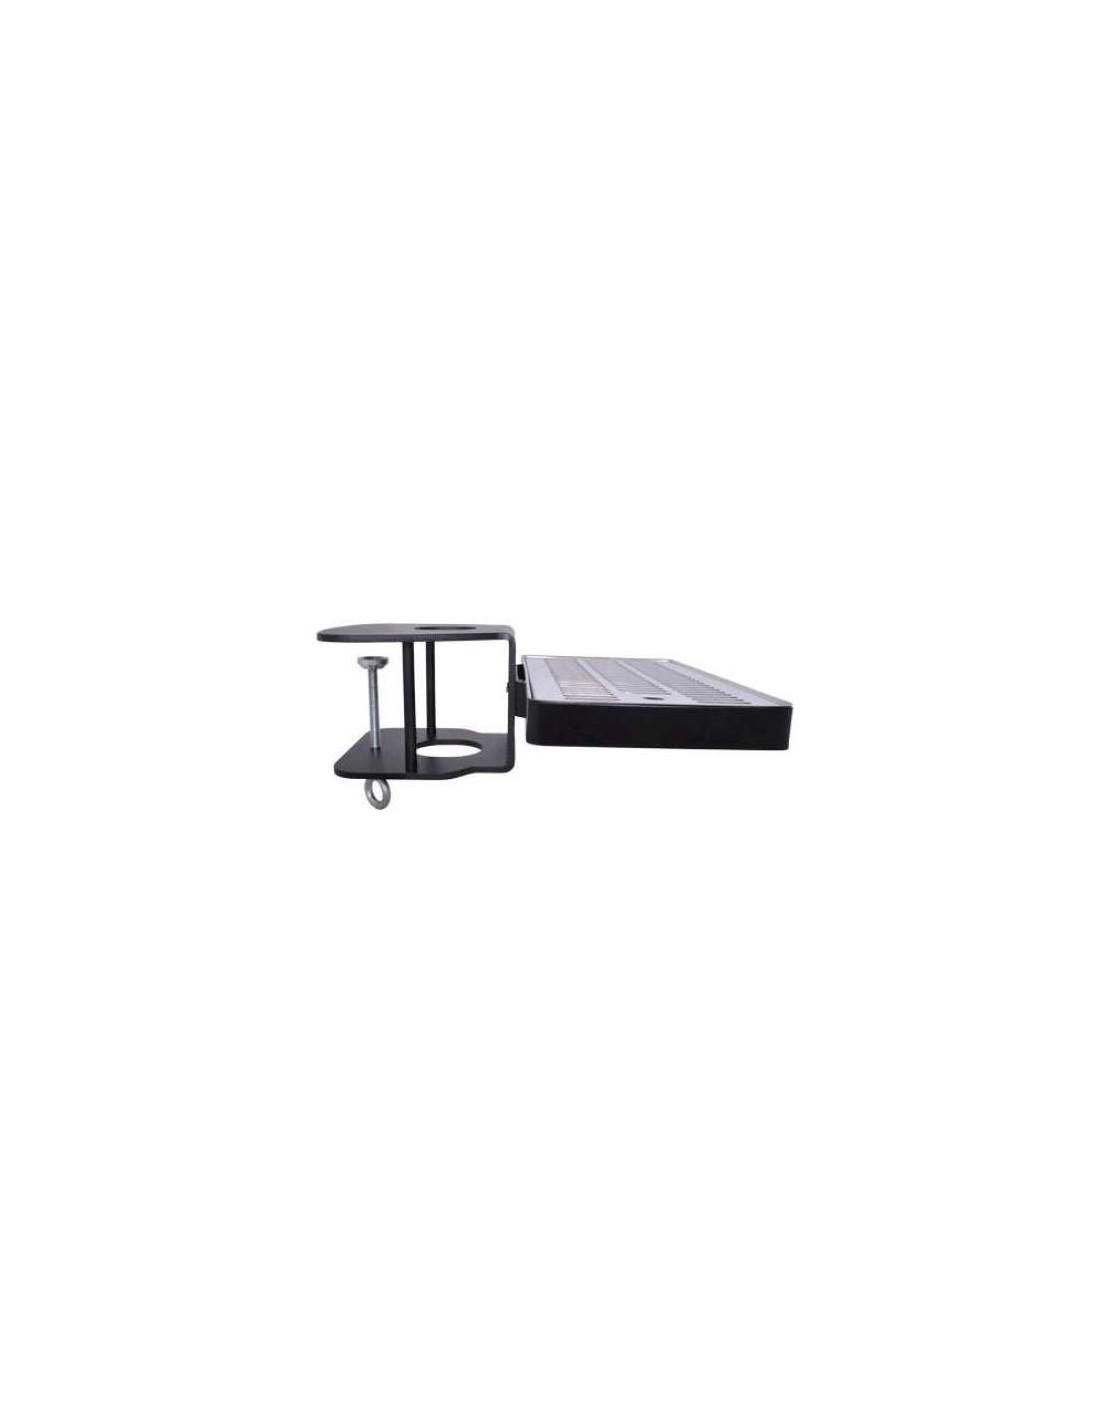 STM02159 - Tillbehör - Spännfäste för bordsmontering av tappkran (300x180x30 mm)